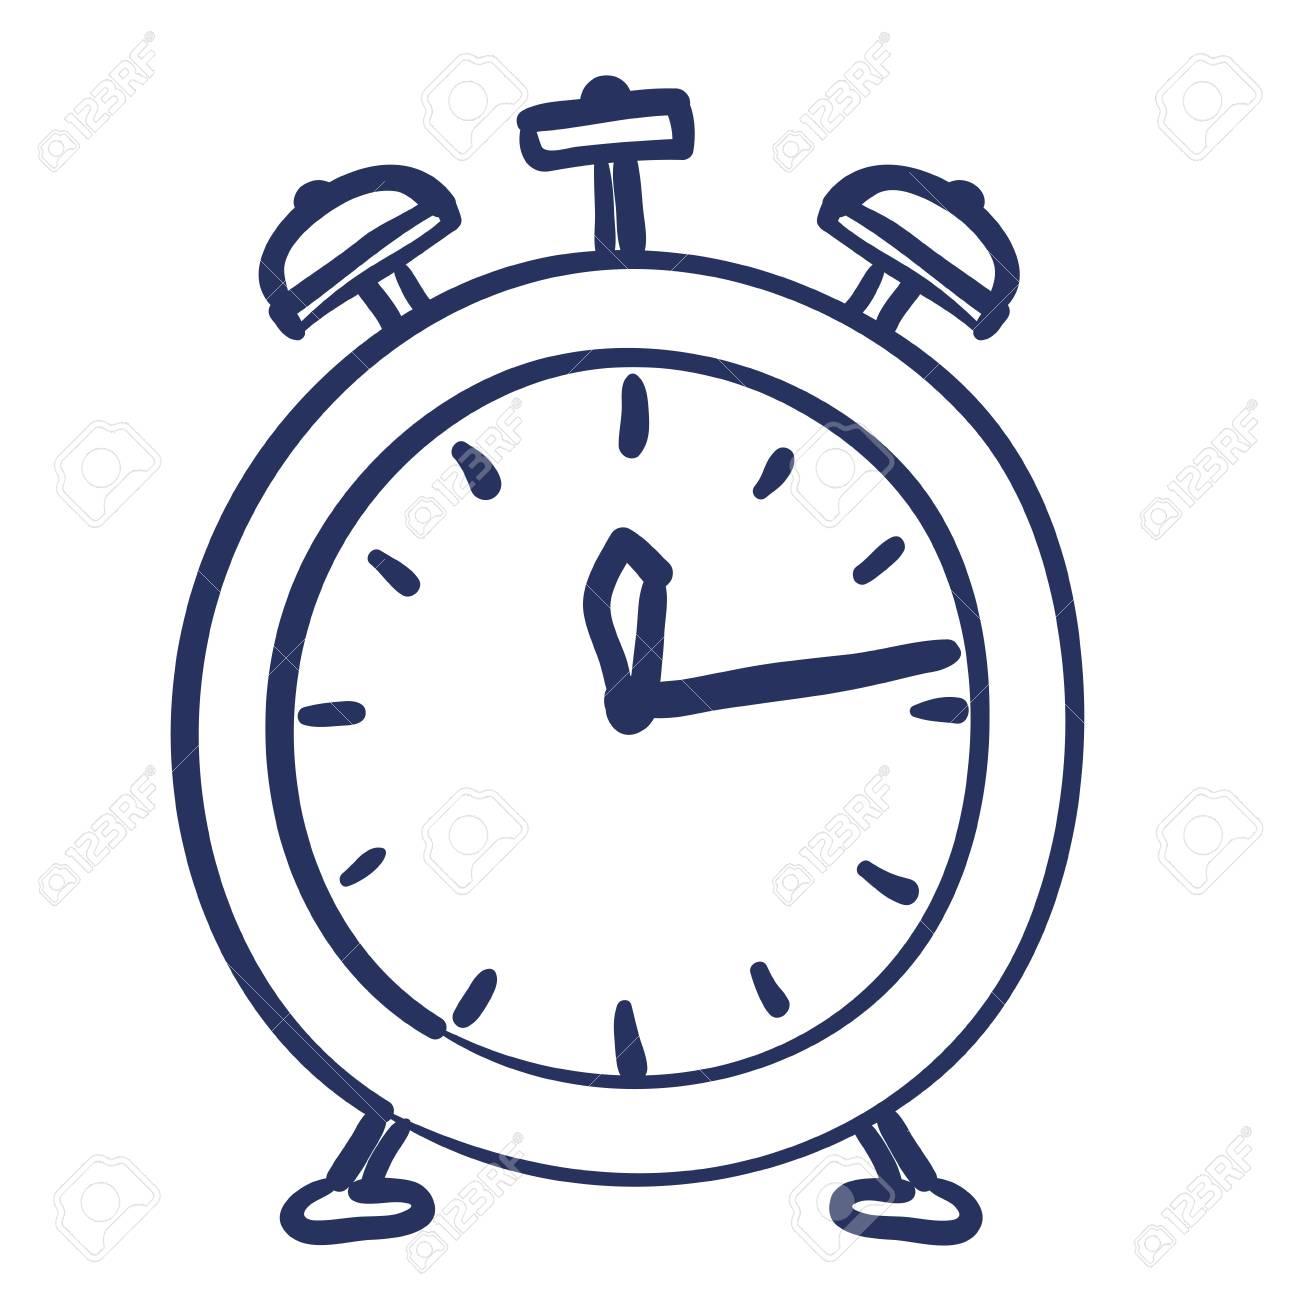 Heure De L'alarme D'horloge Dessin Isolé Conception Icône Vecteur  Illustration dedans Dessin D Horloge